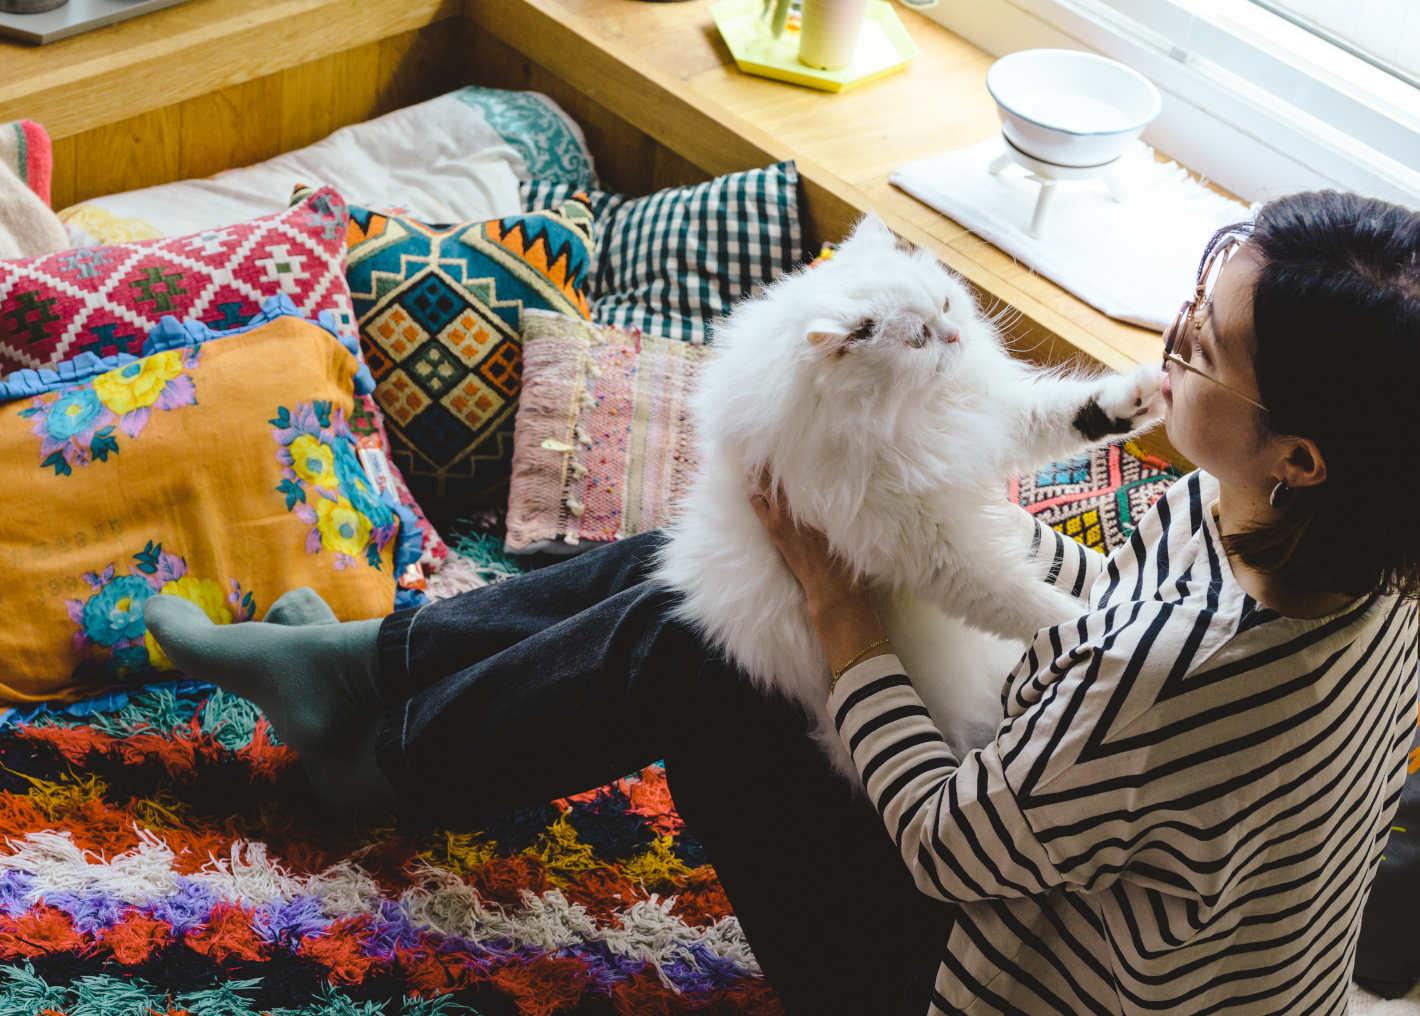 わが家の愛猫「まきゃべり」